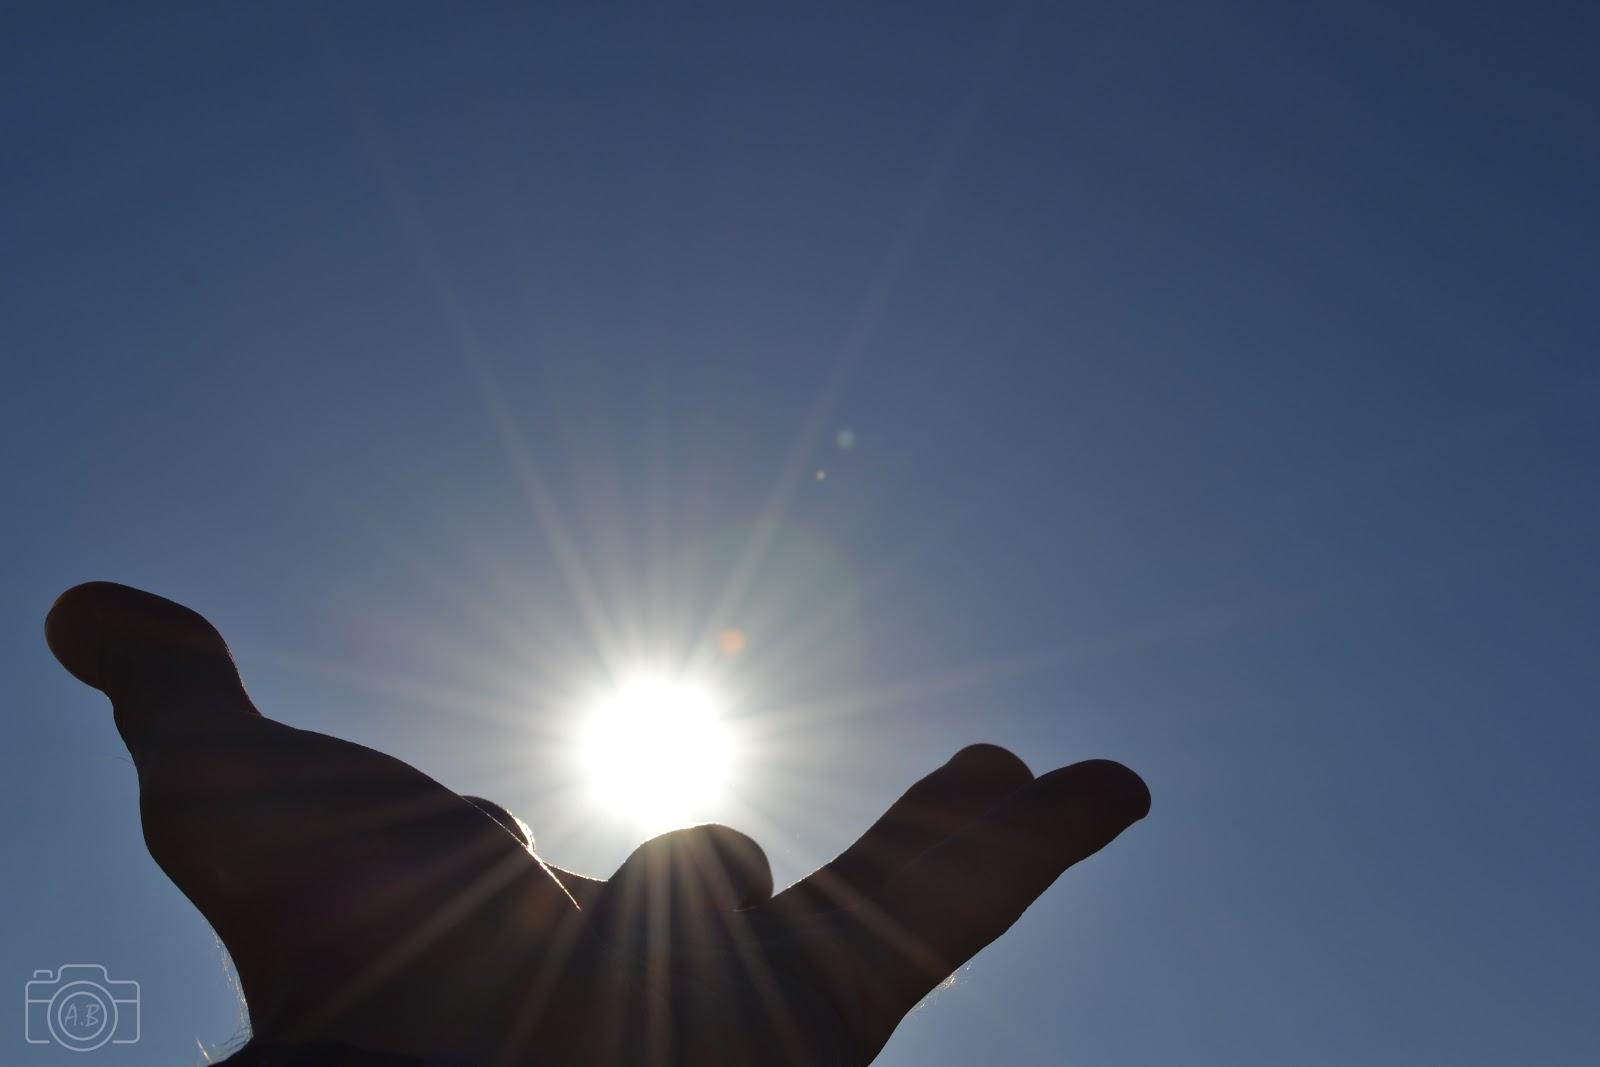 Soleil dans la main photographie sardaigne art